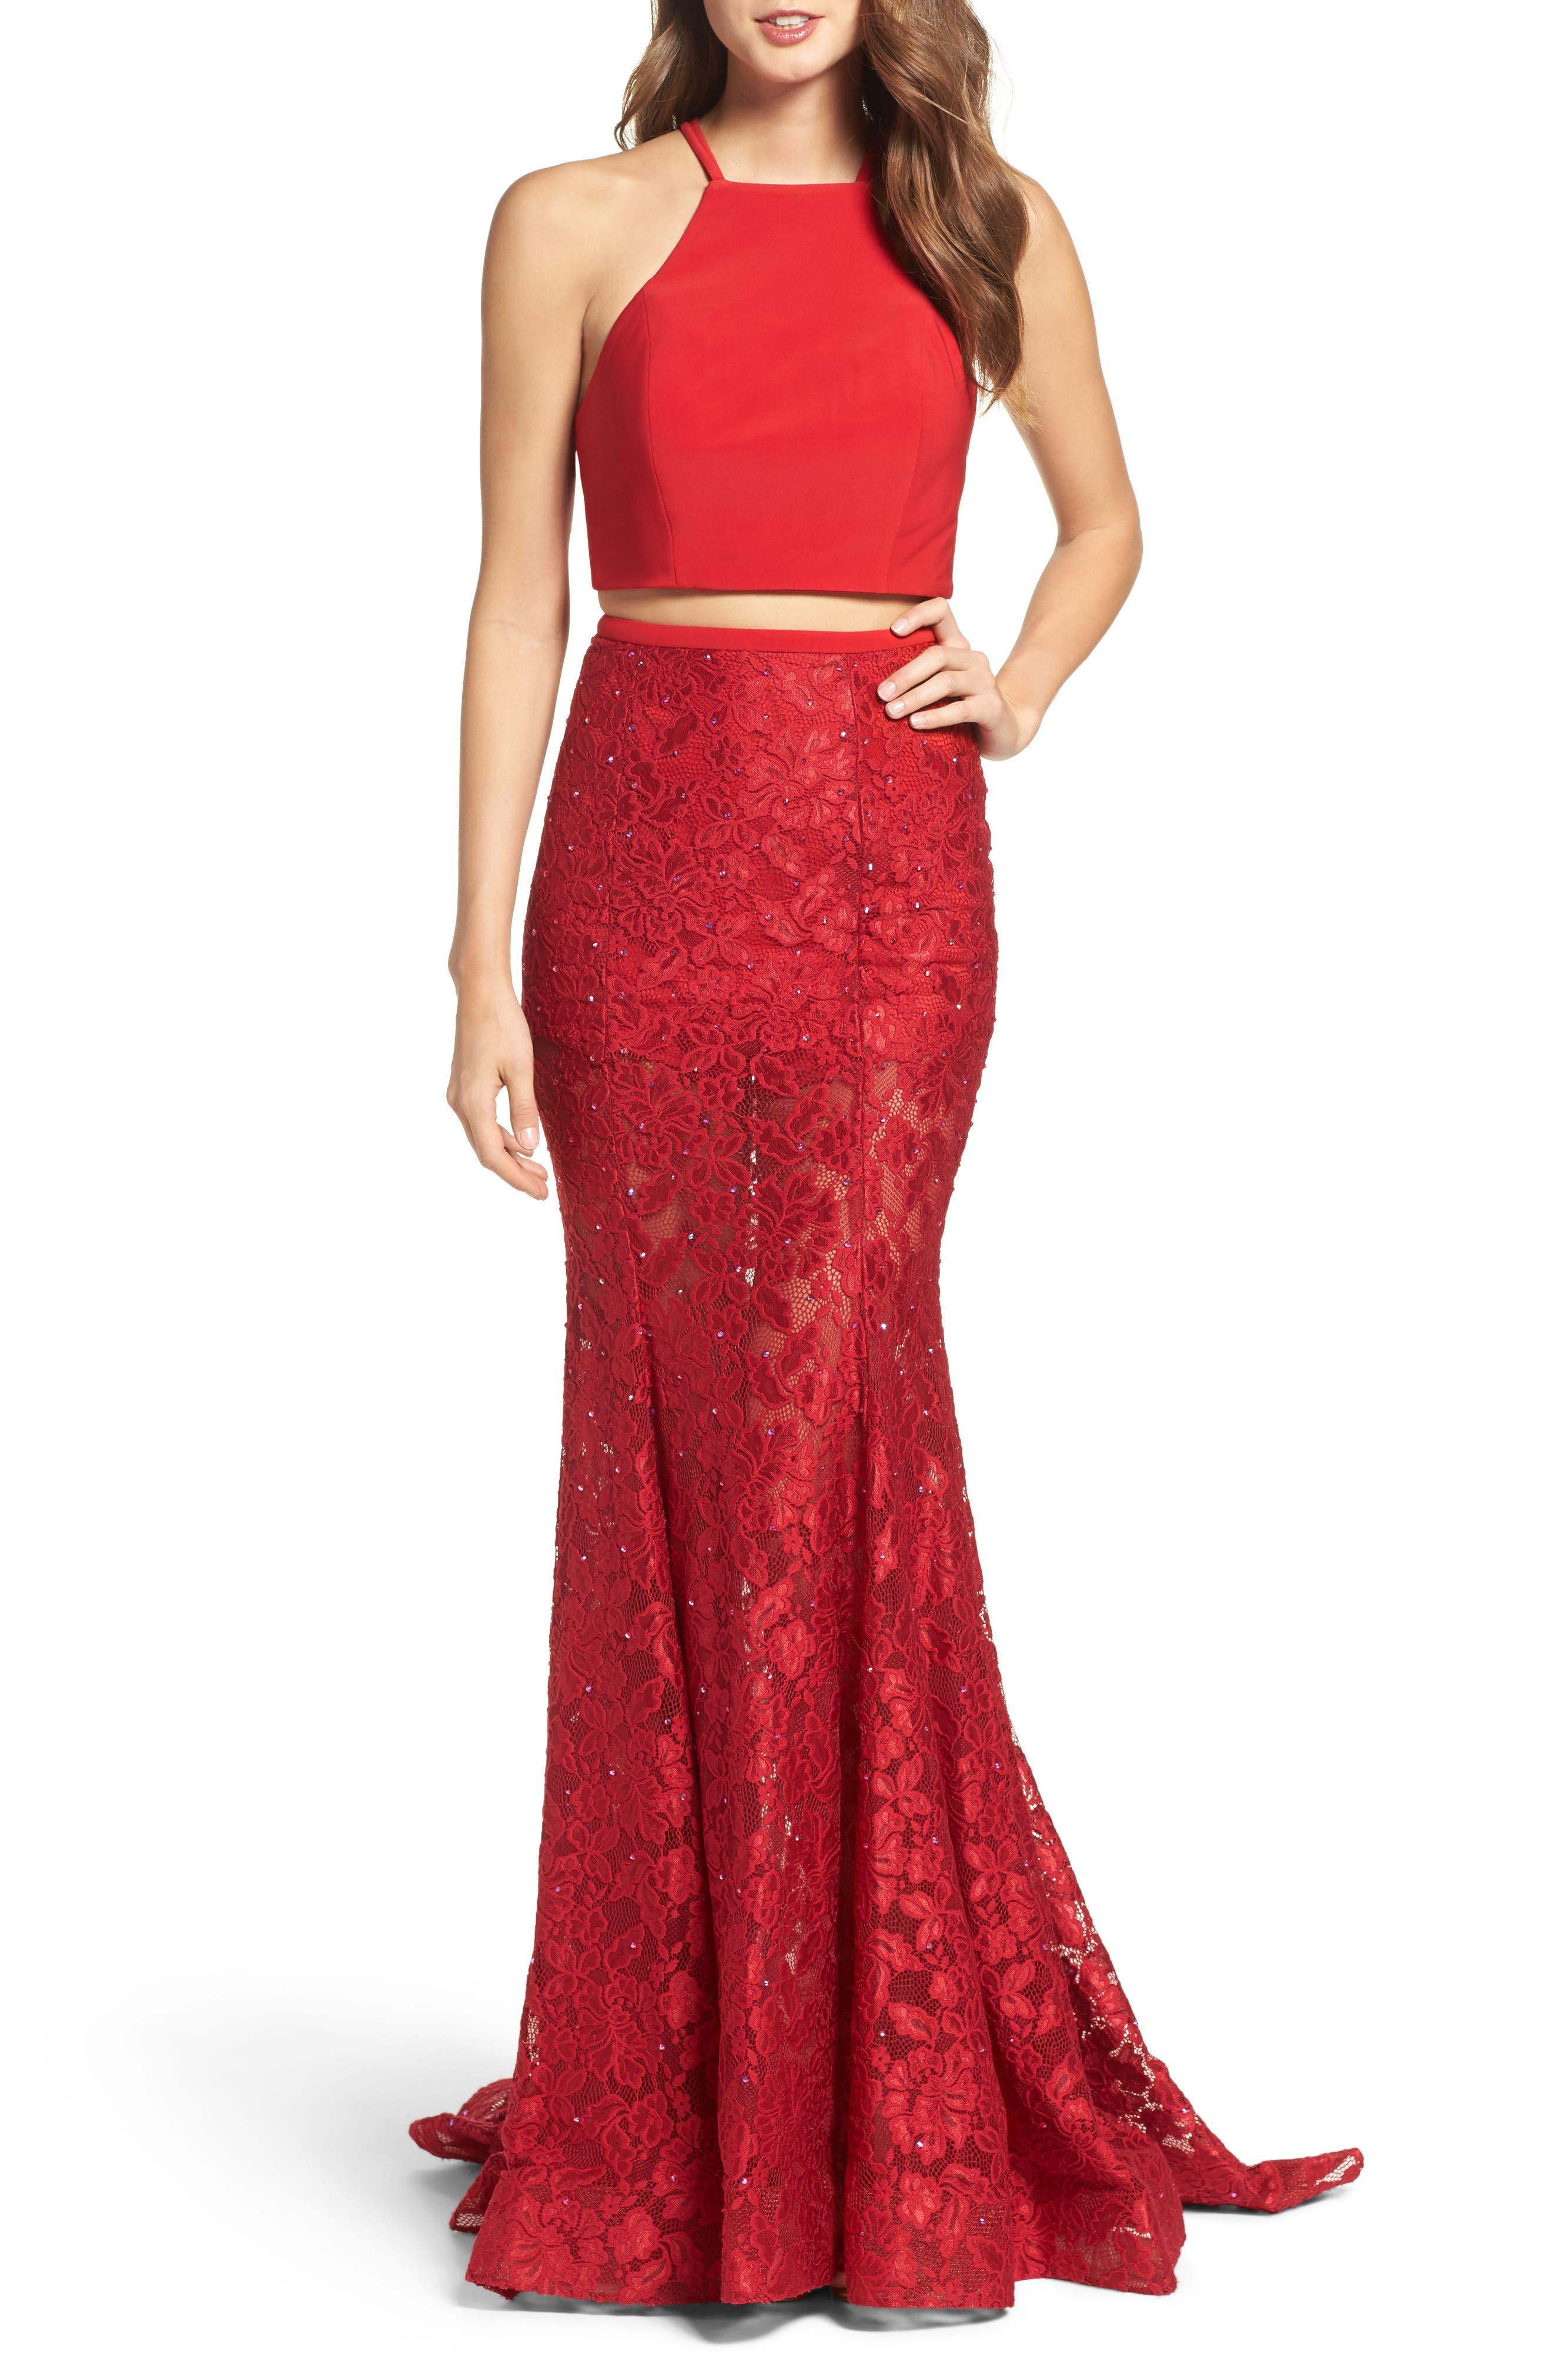 LA FEMME Jersey & Lace Two-Piece Gown